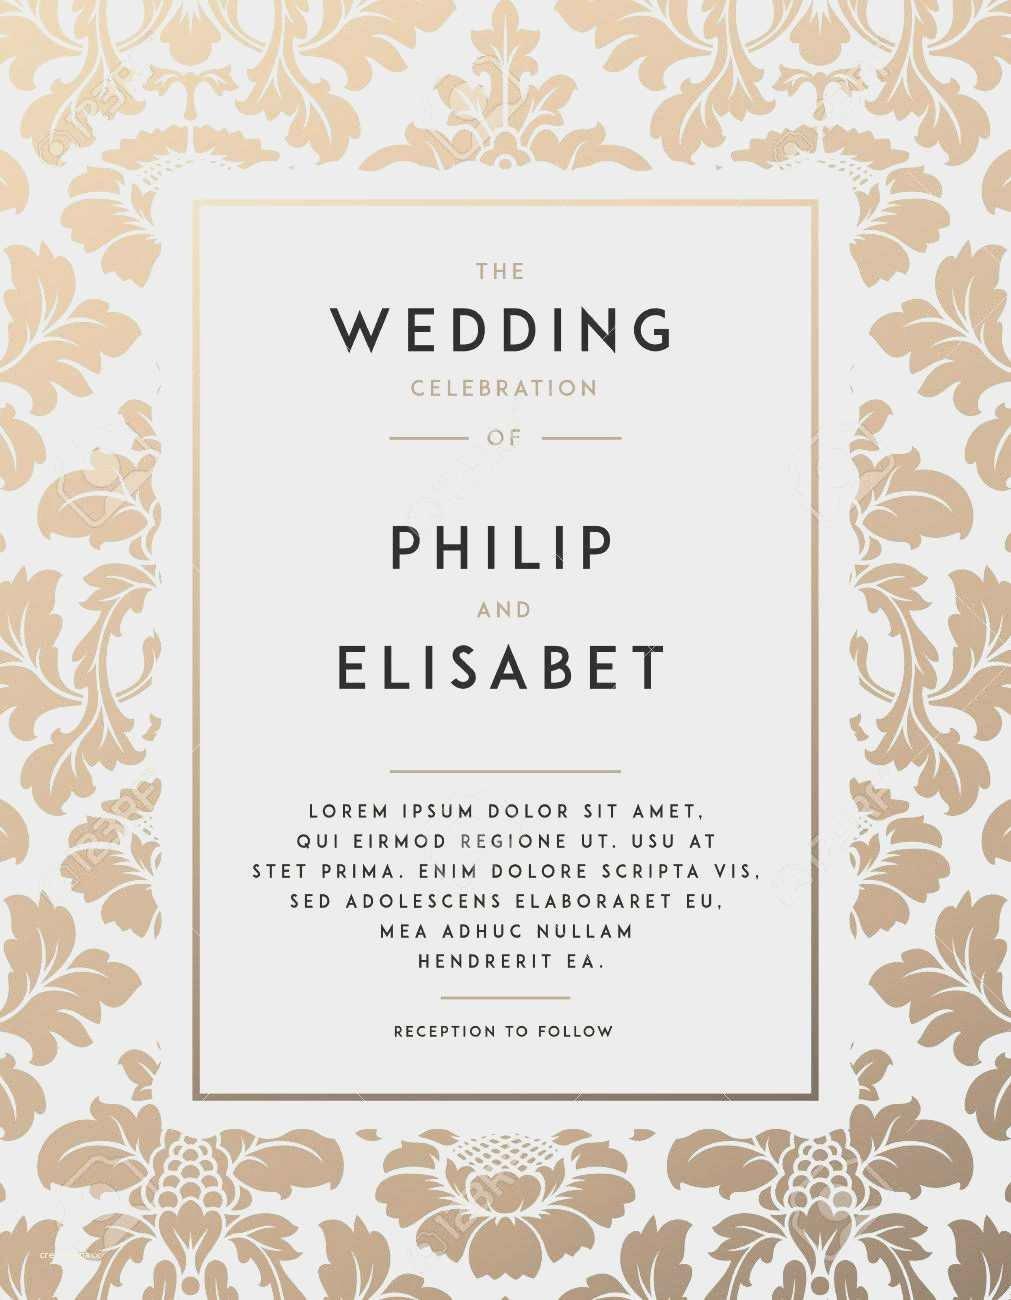 Vintage Wedding Invites Templates Luxury Blank Vintage Wedding Invitation Templates New Vintage